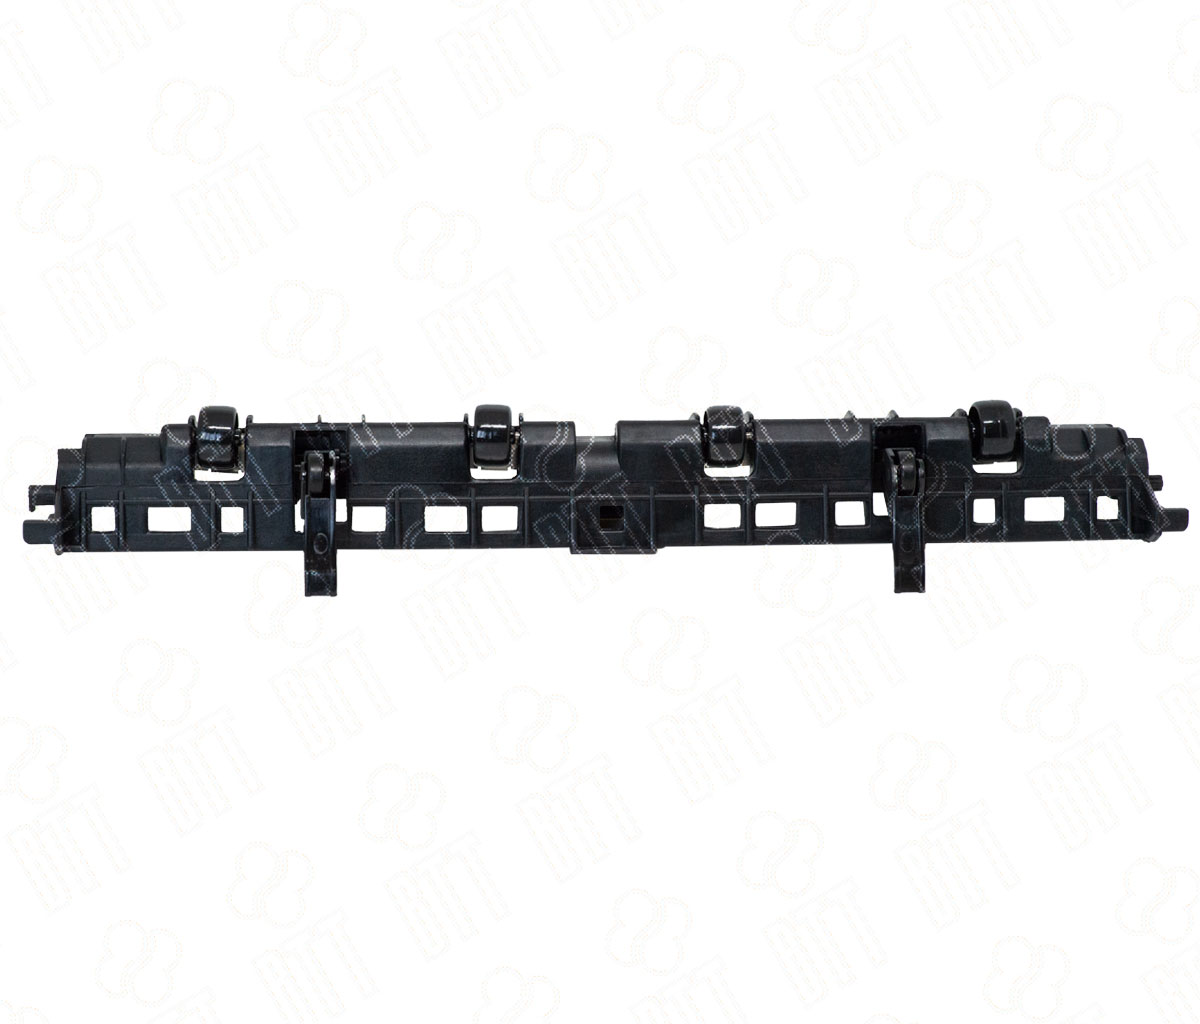 Hаправляющая выхода фьюзера в сборе для LaserJetP4014/P4015/P4515, M601/M602/M603/M605/M606 (совм)